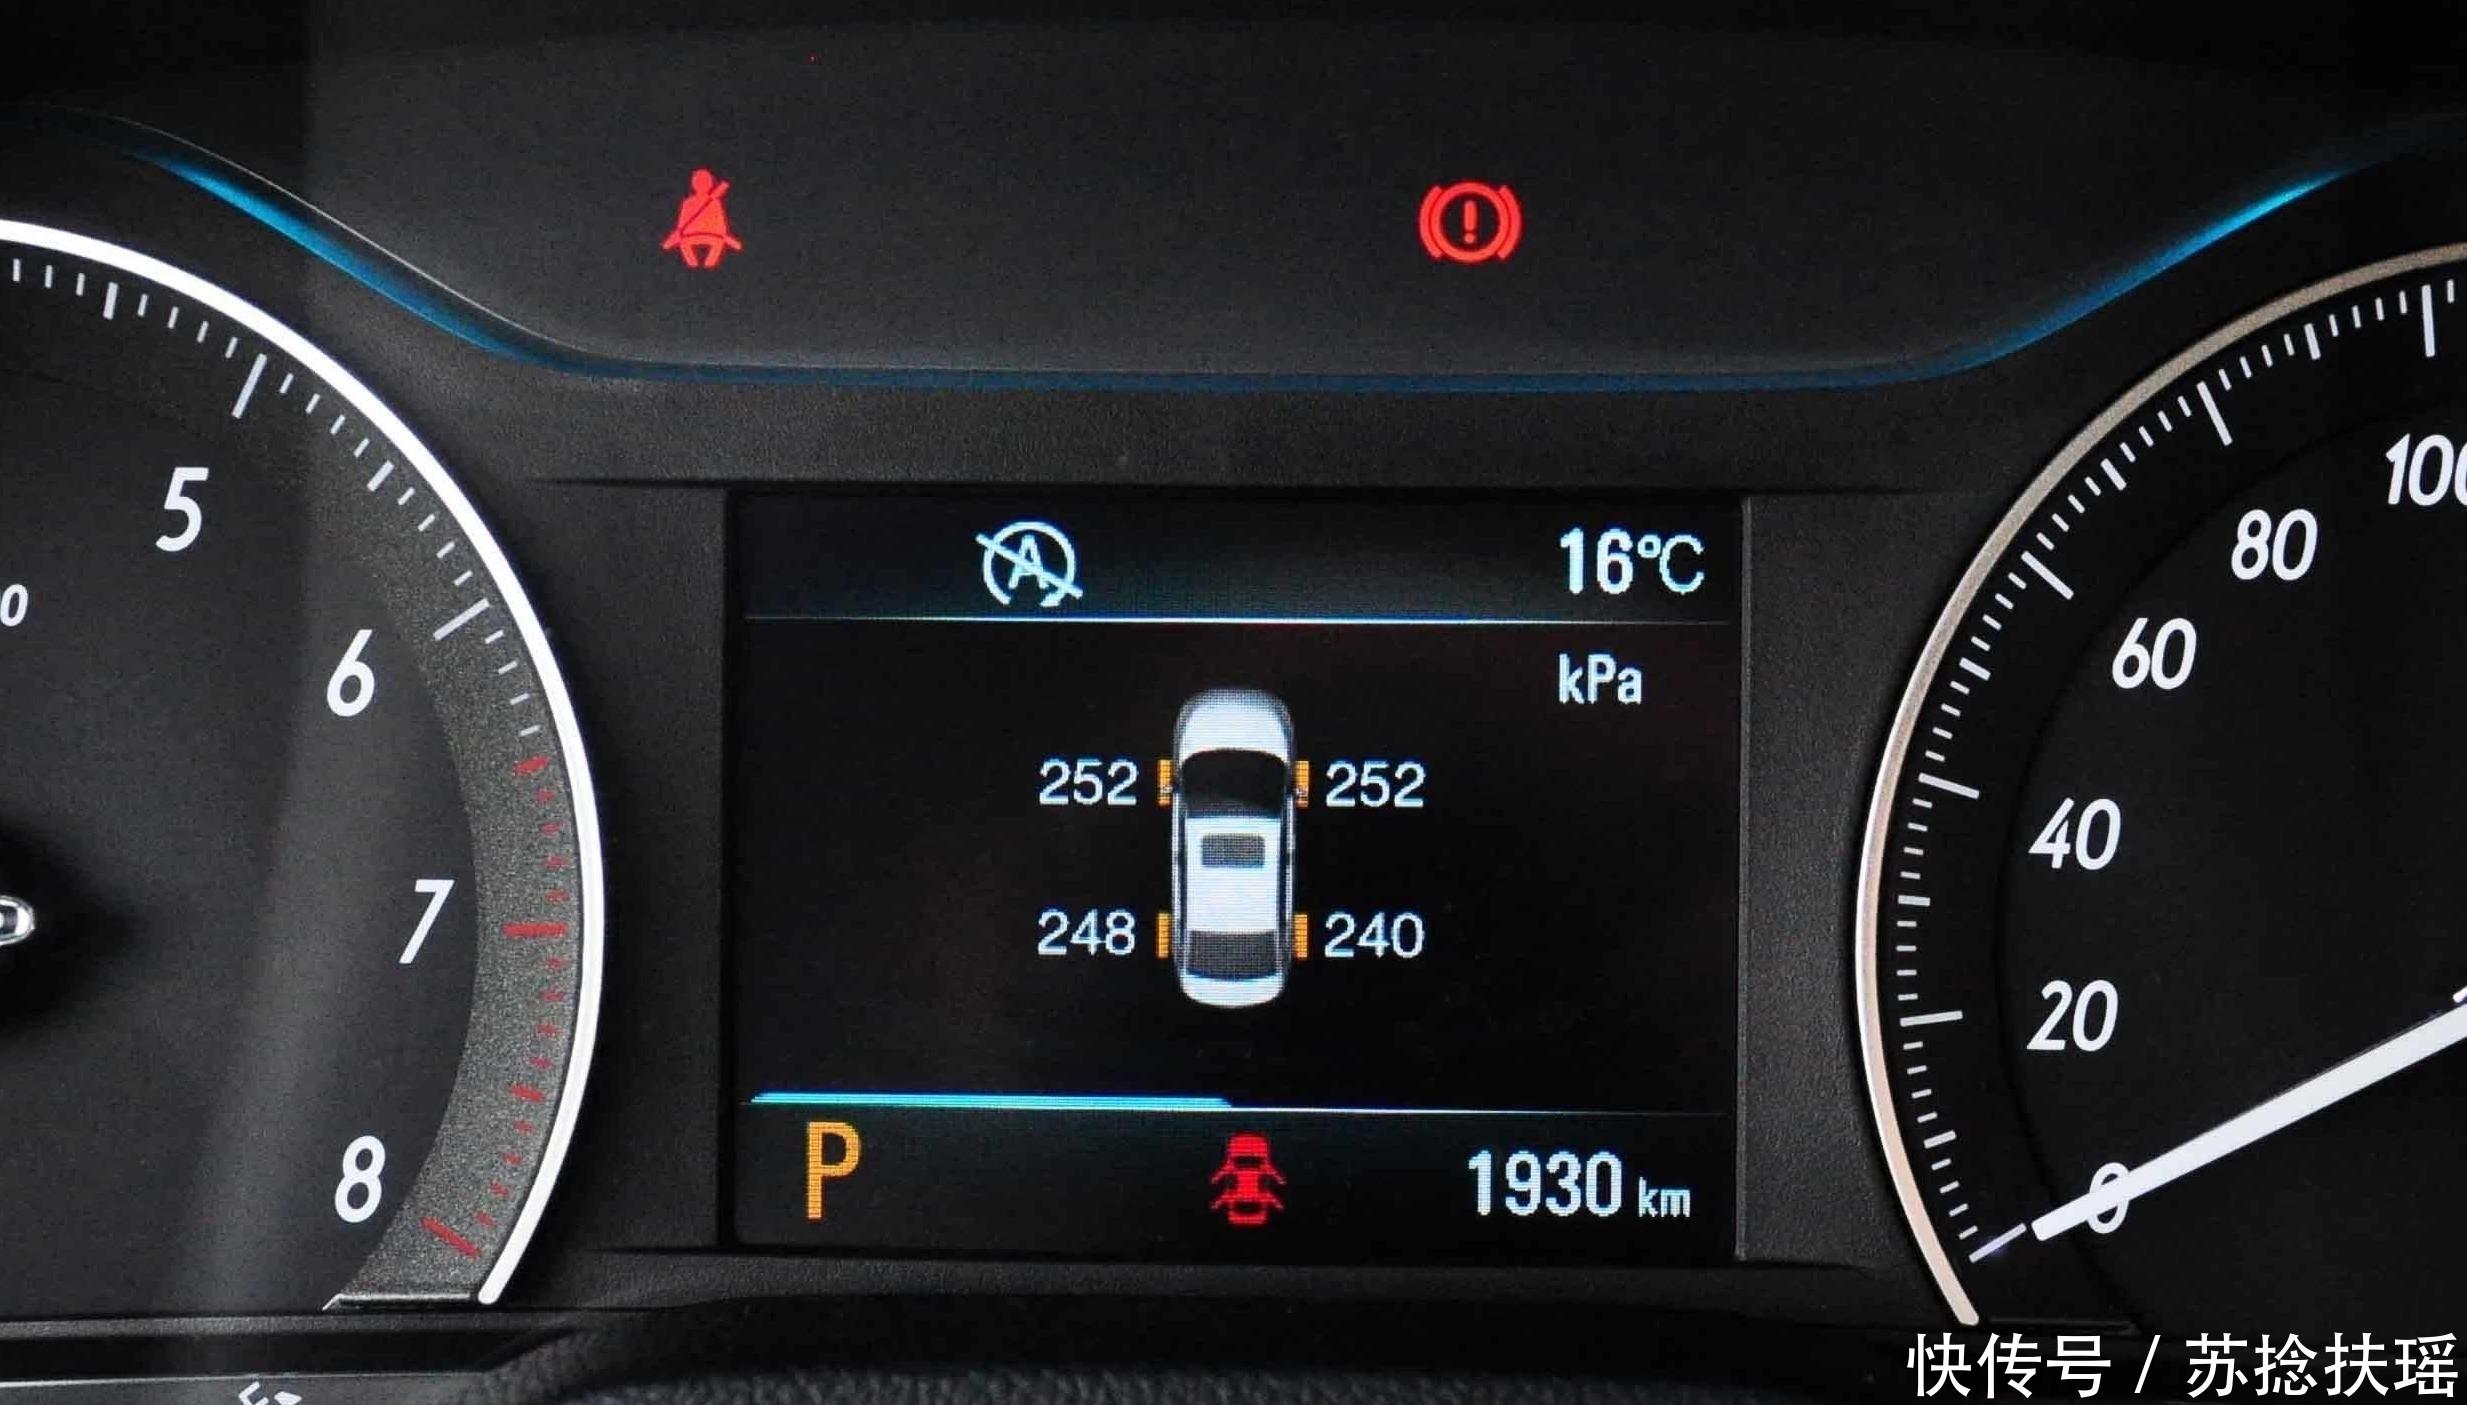 开车时请关掉这功能, 名副其实的油耗当选, 不关将多烧20%汽油